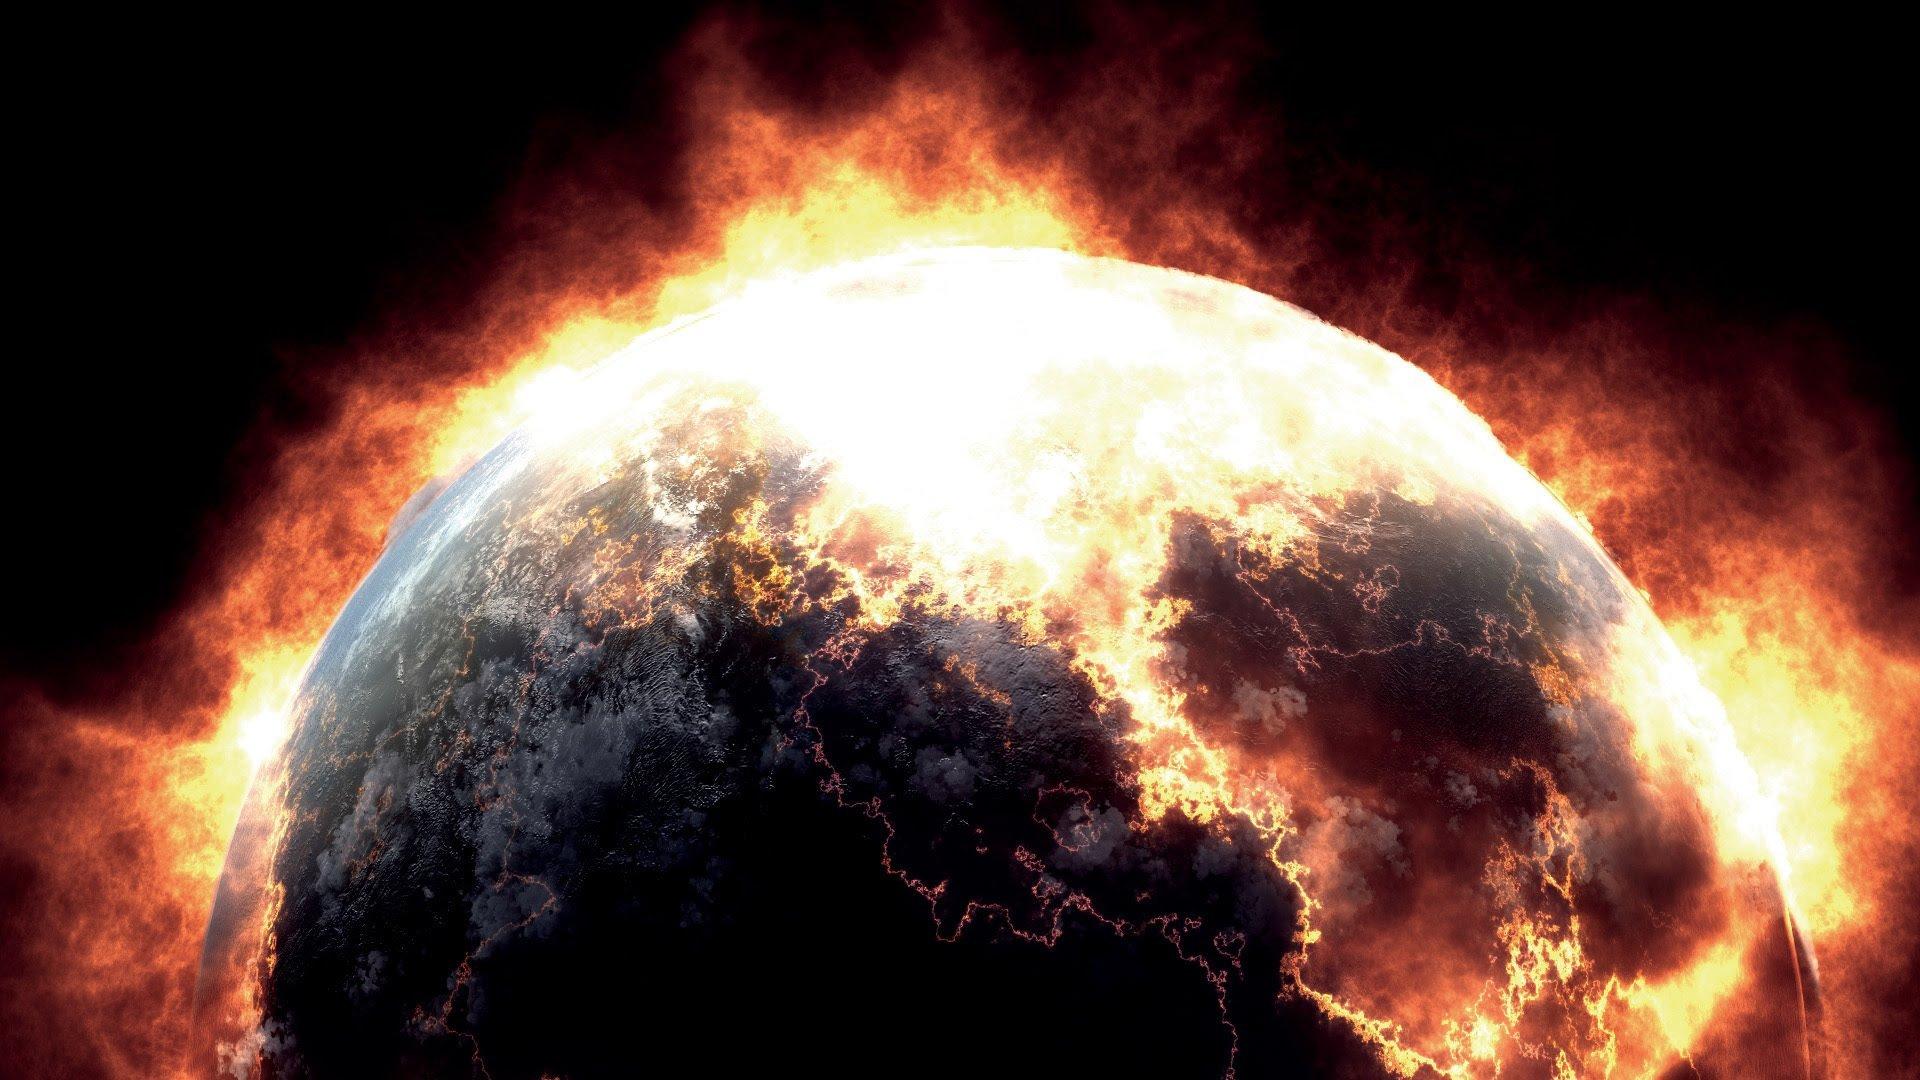 Ученые бьют тревогу: кЗемле приближается планета-призрак